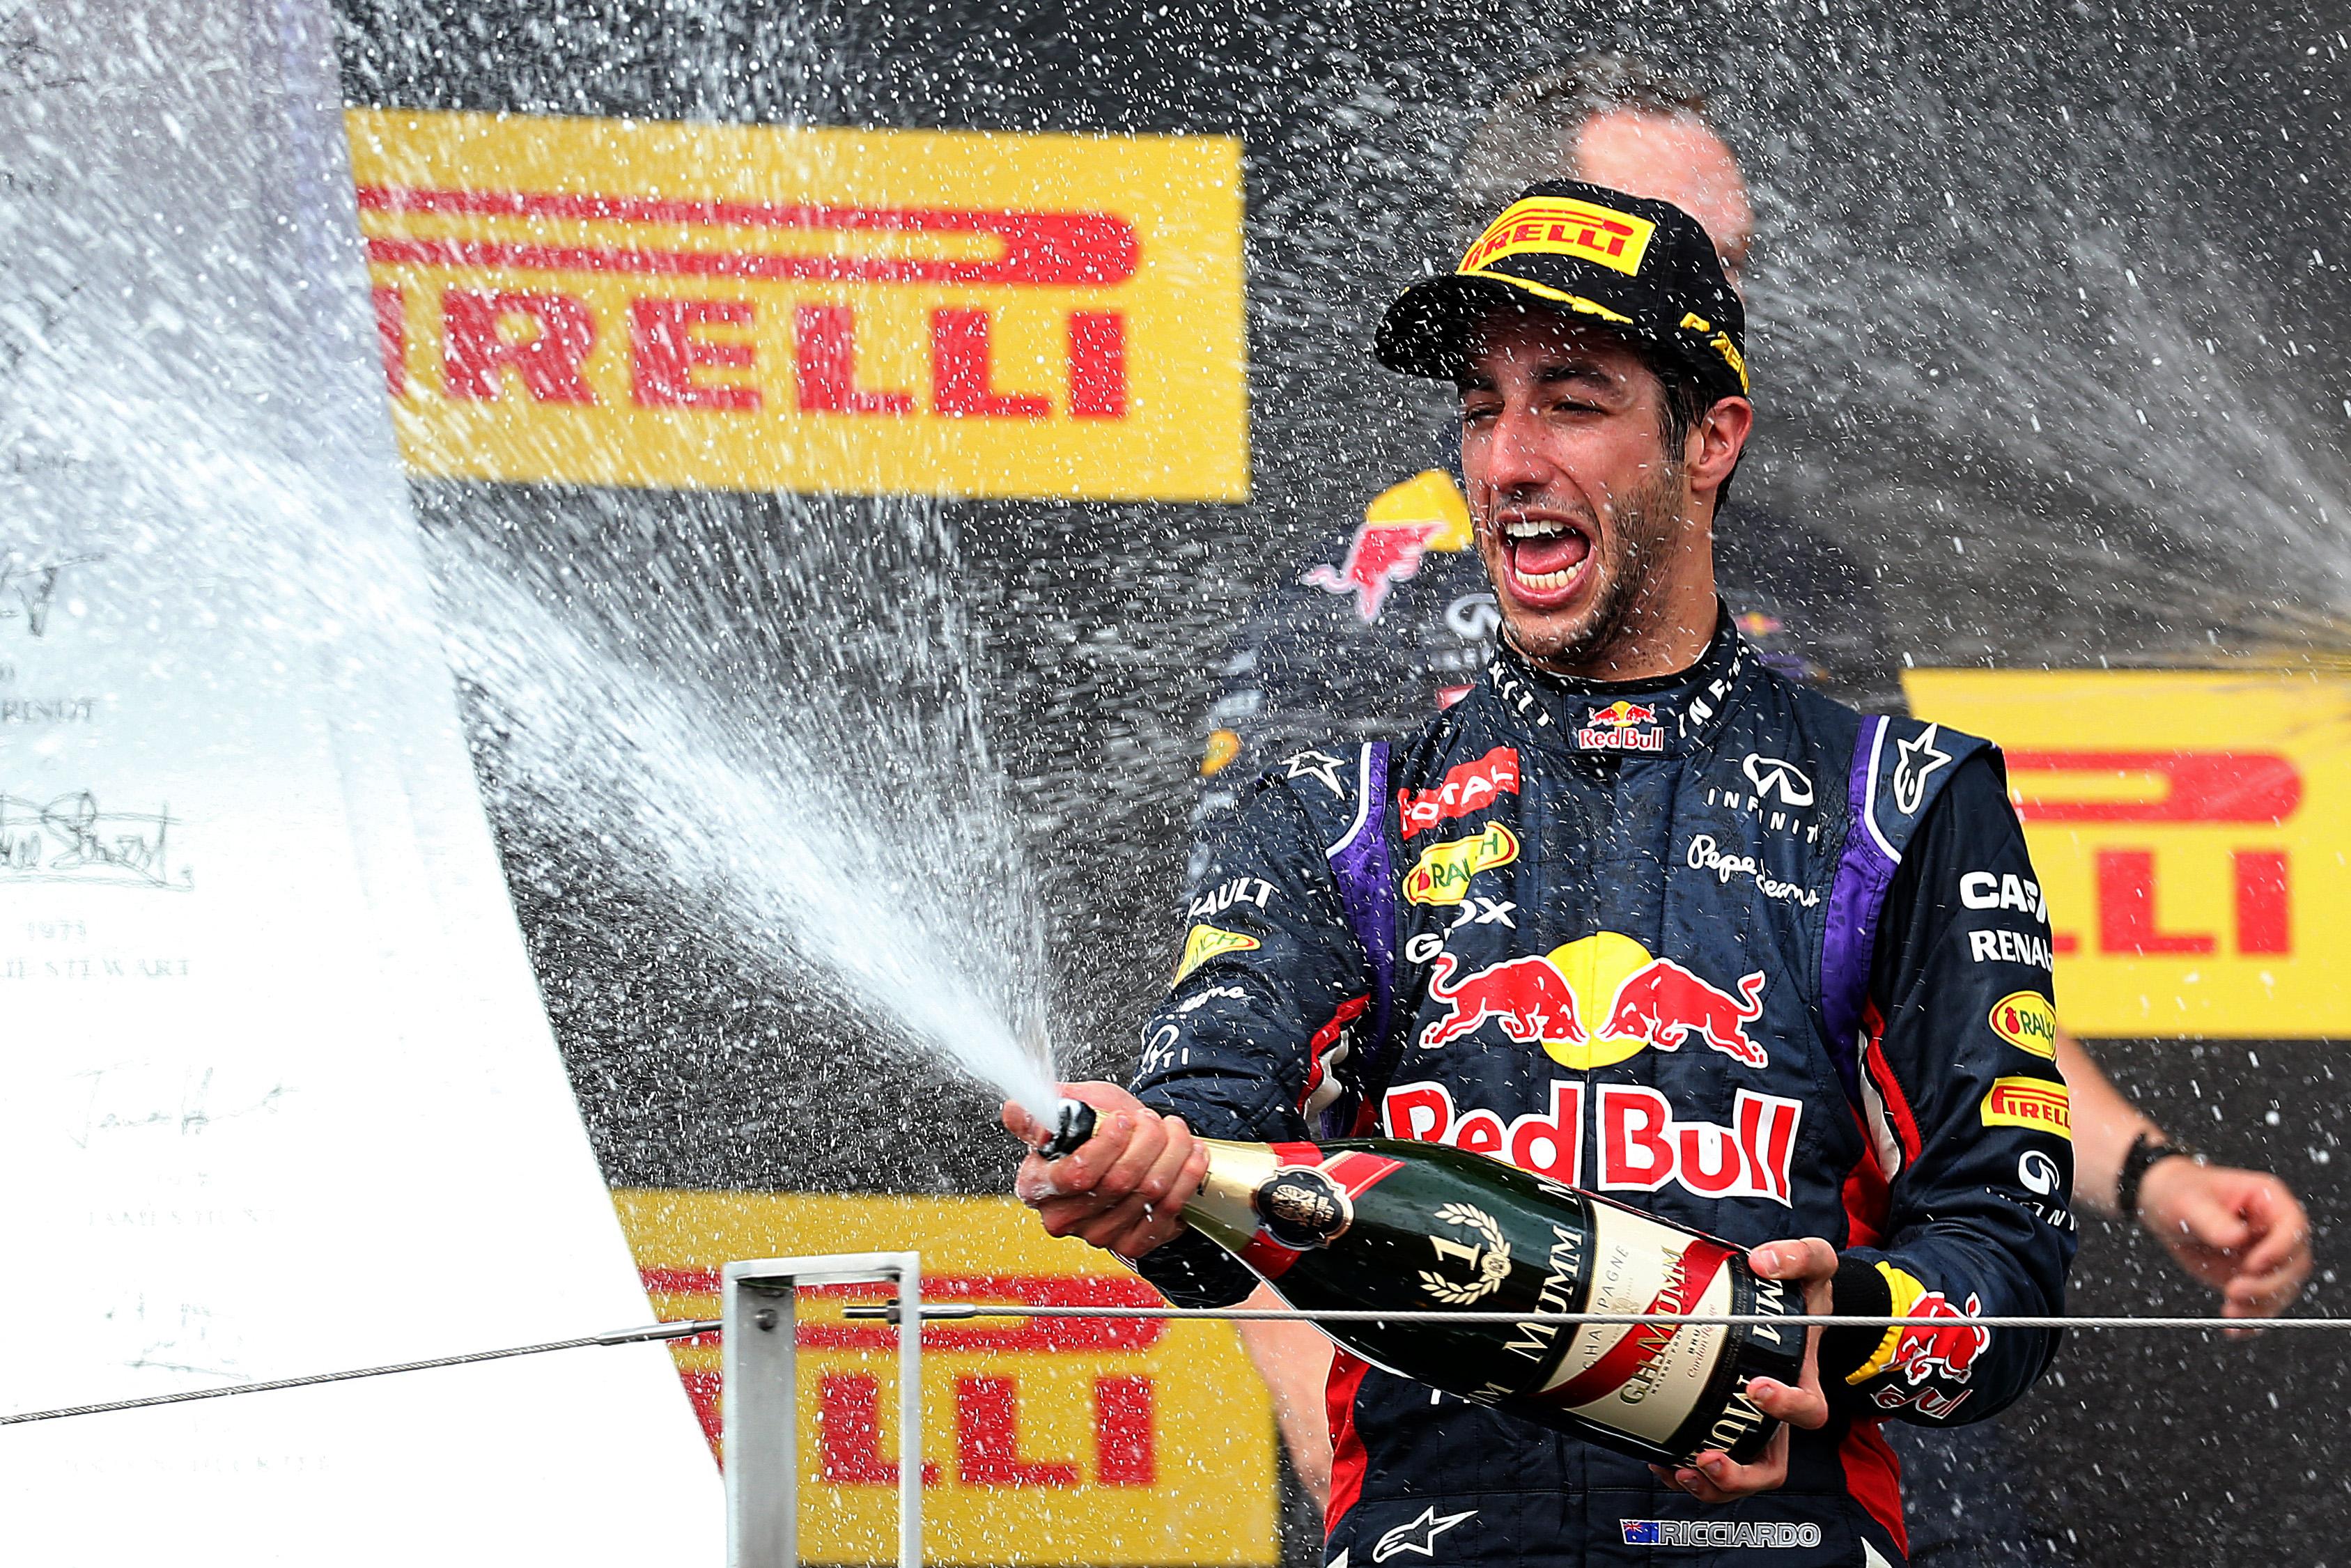 Une superbe victoire pour Ricciardo ( Thompson/Getty Images)